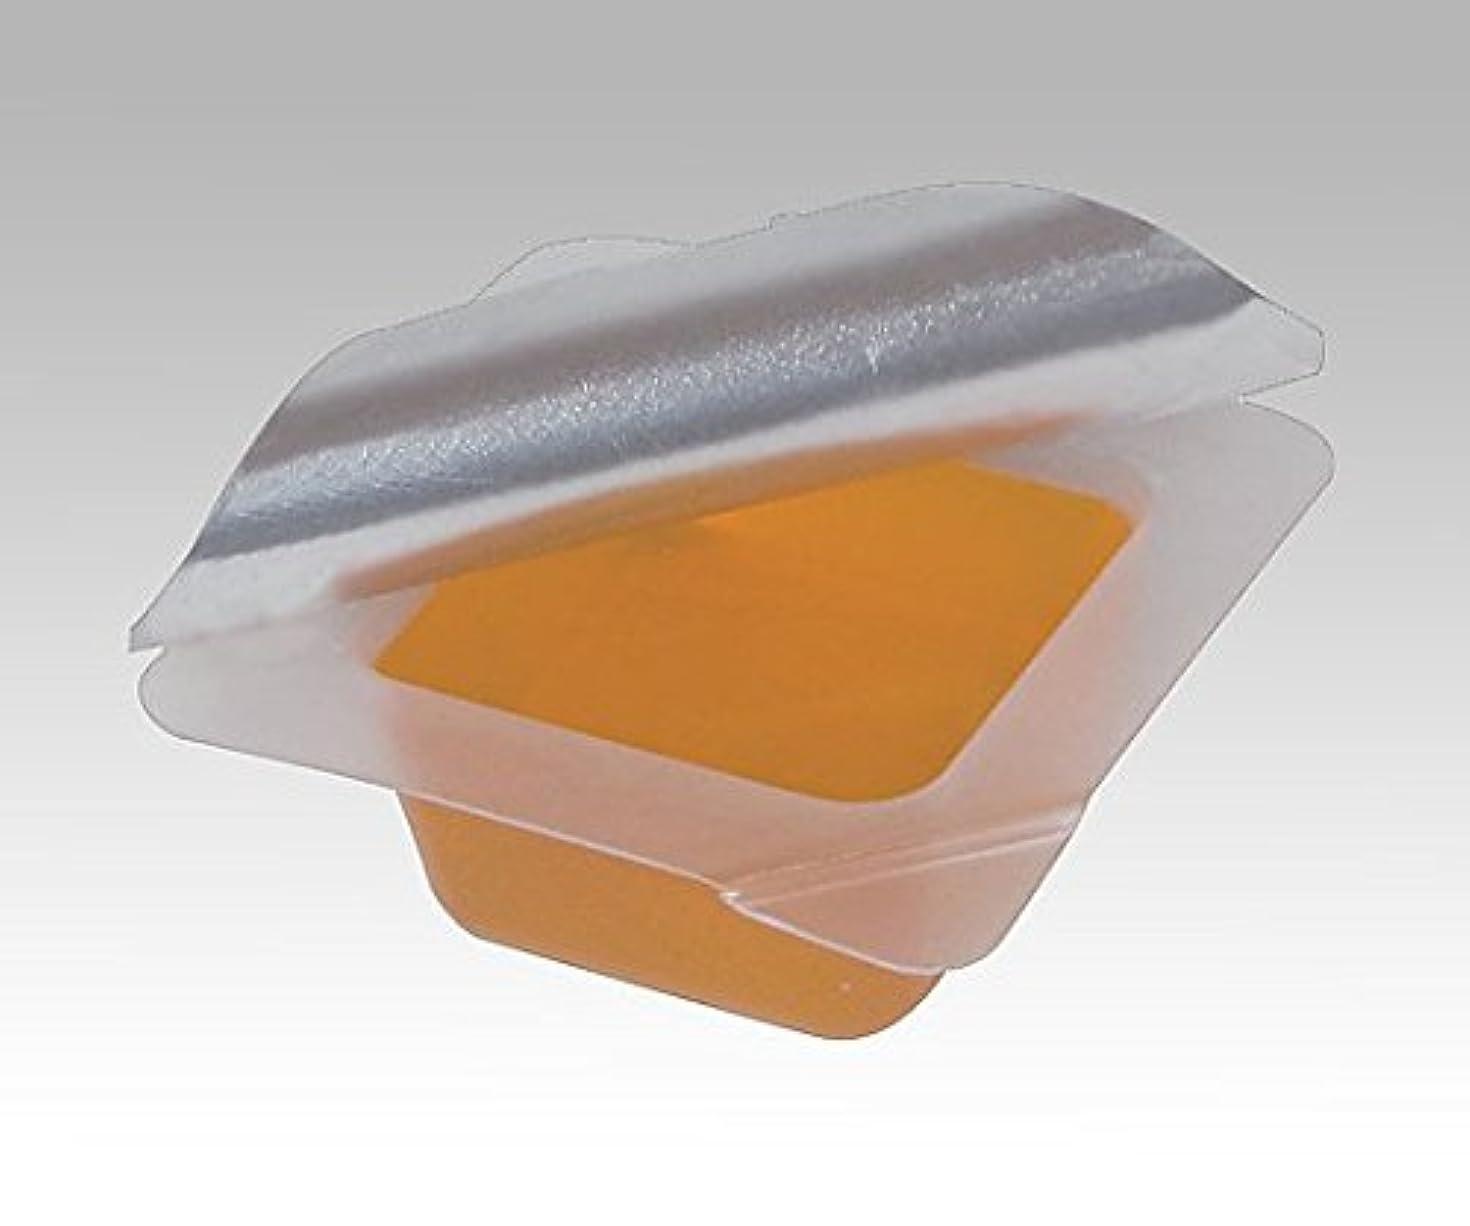 シーサイド調整変形するUHA味覚糖 咀嚼能力 測定用 グミゼリー 30個入